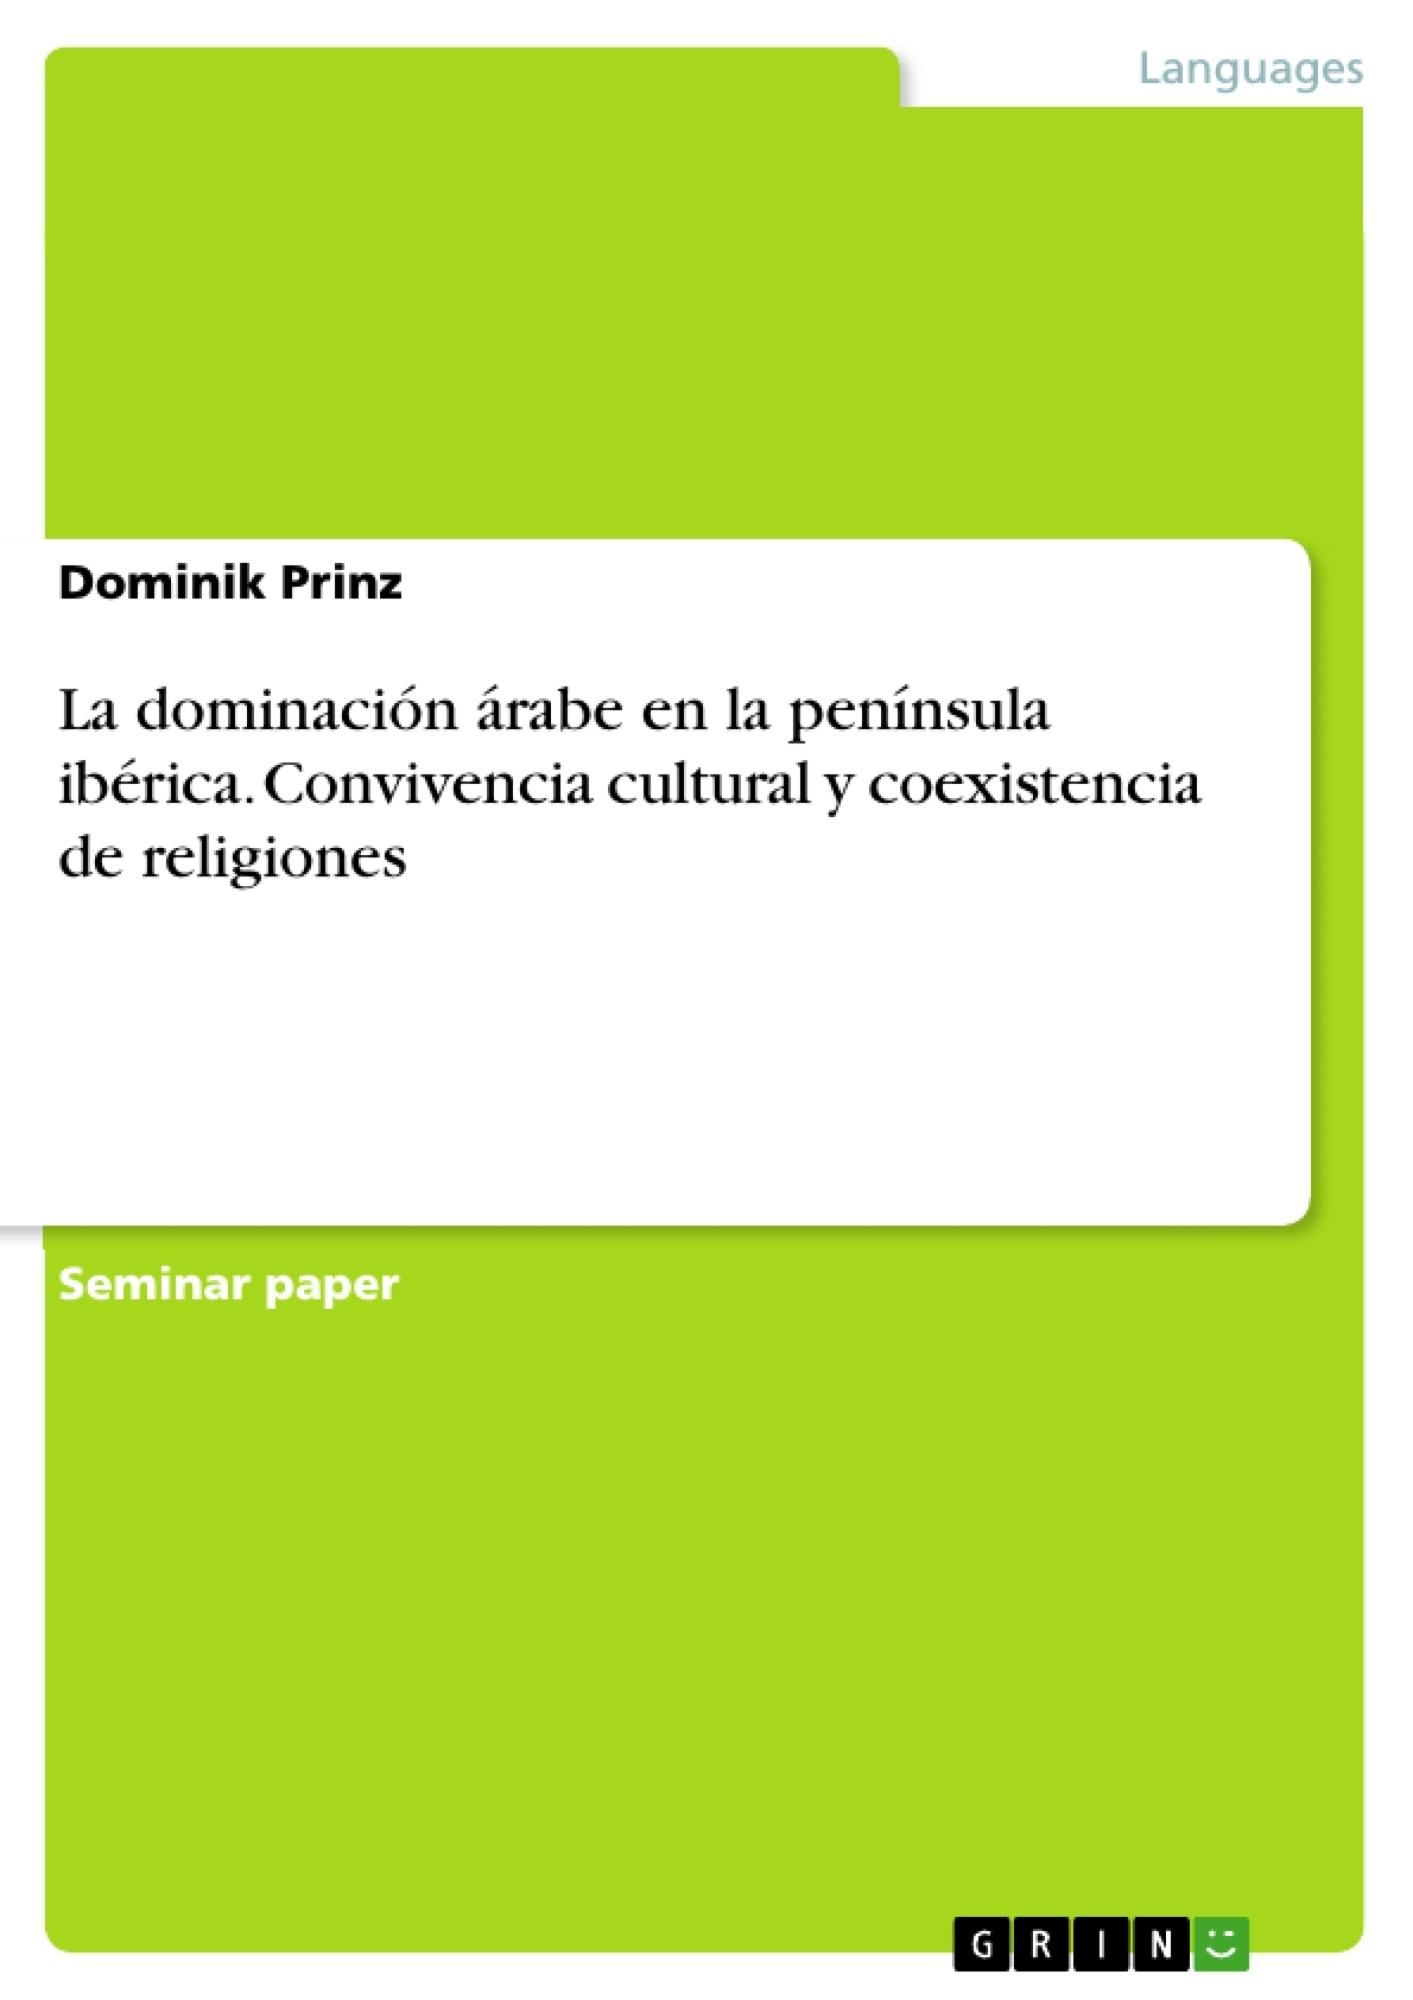 Título: La dominación árabe en la península ibérica. Convivencia cultural y coexistencia de religiones